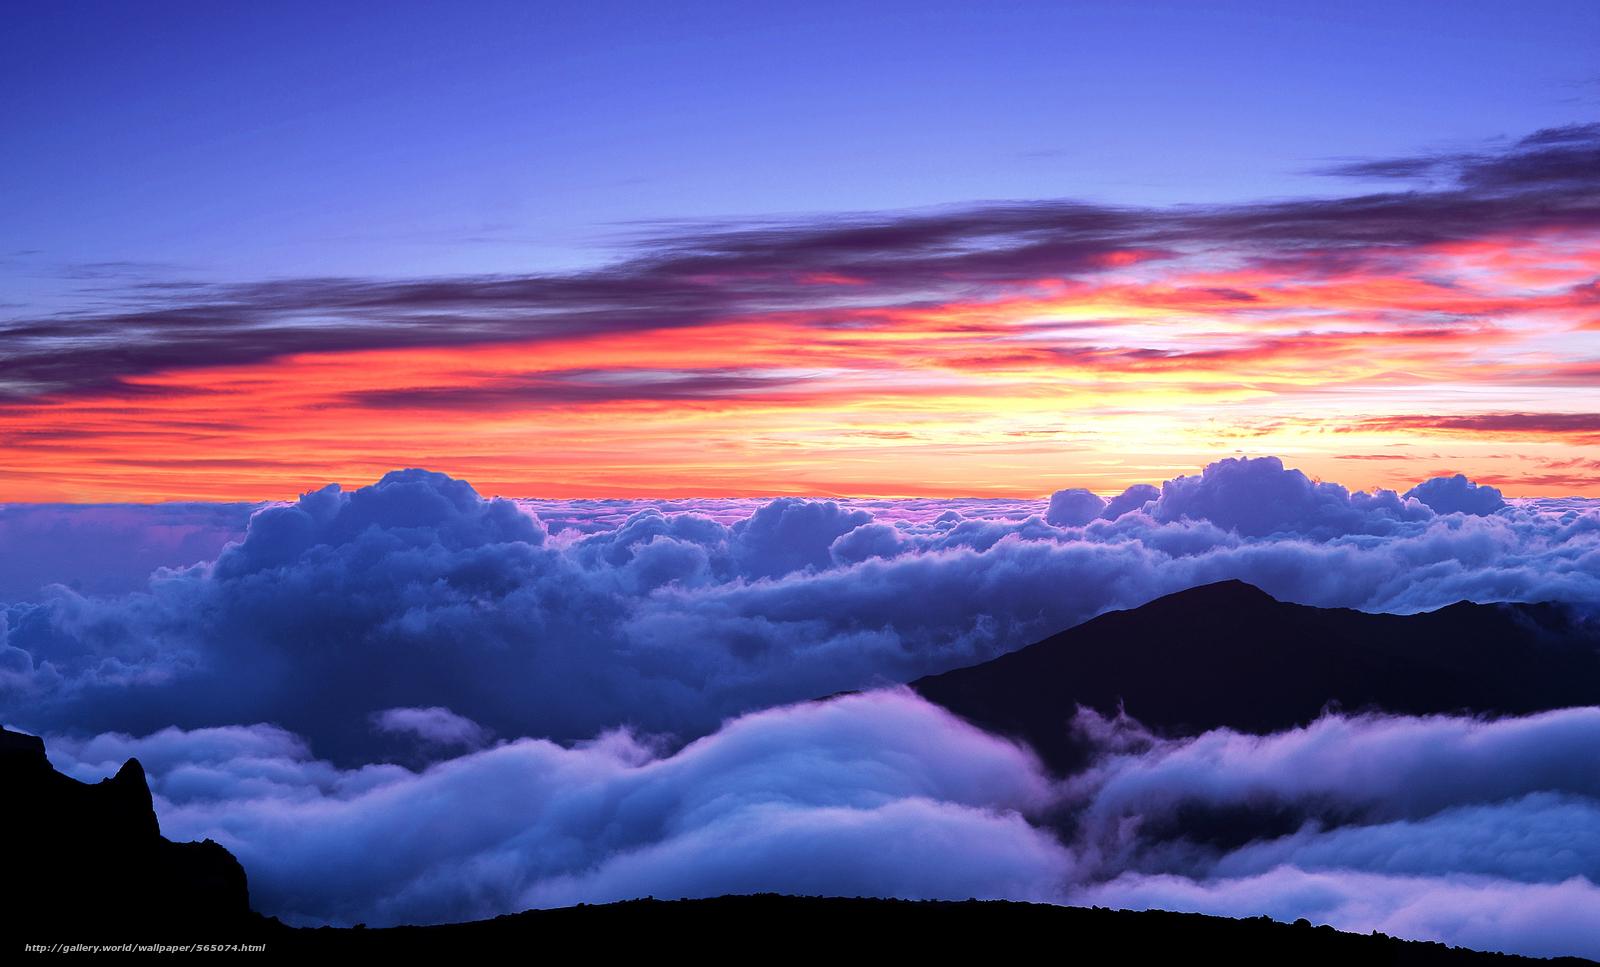 tlcharger fond d 39 ecran coucher du soleil ciel montagnes nuages fonds d 39 ecran gratuits pour. Black Bedroom Furniture Sets. Home Design Ideas